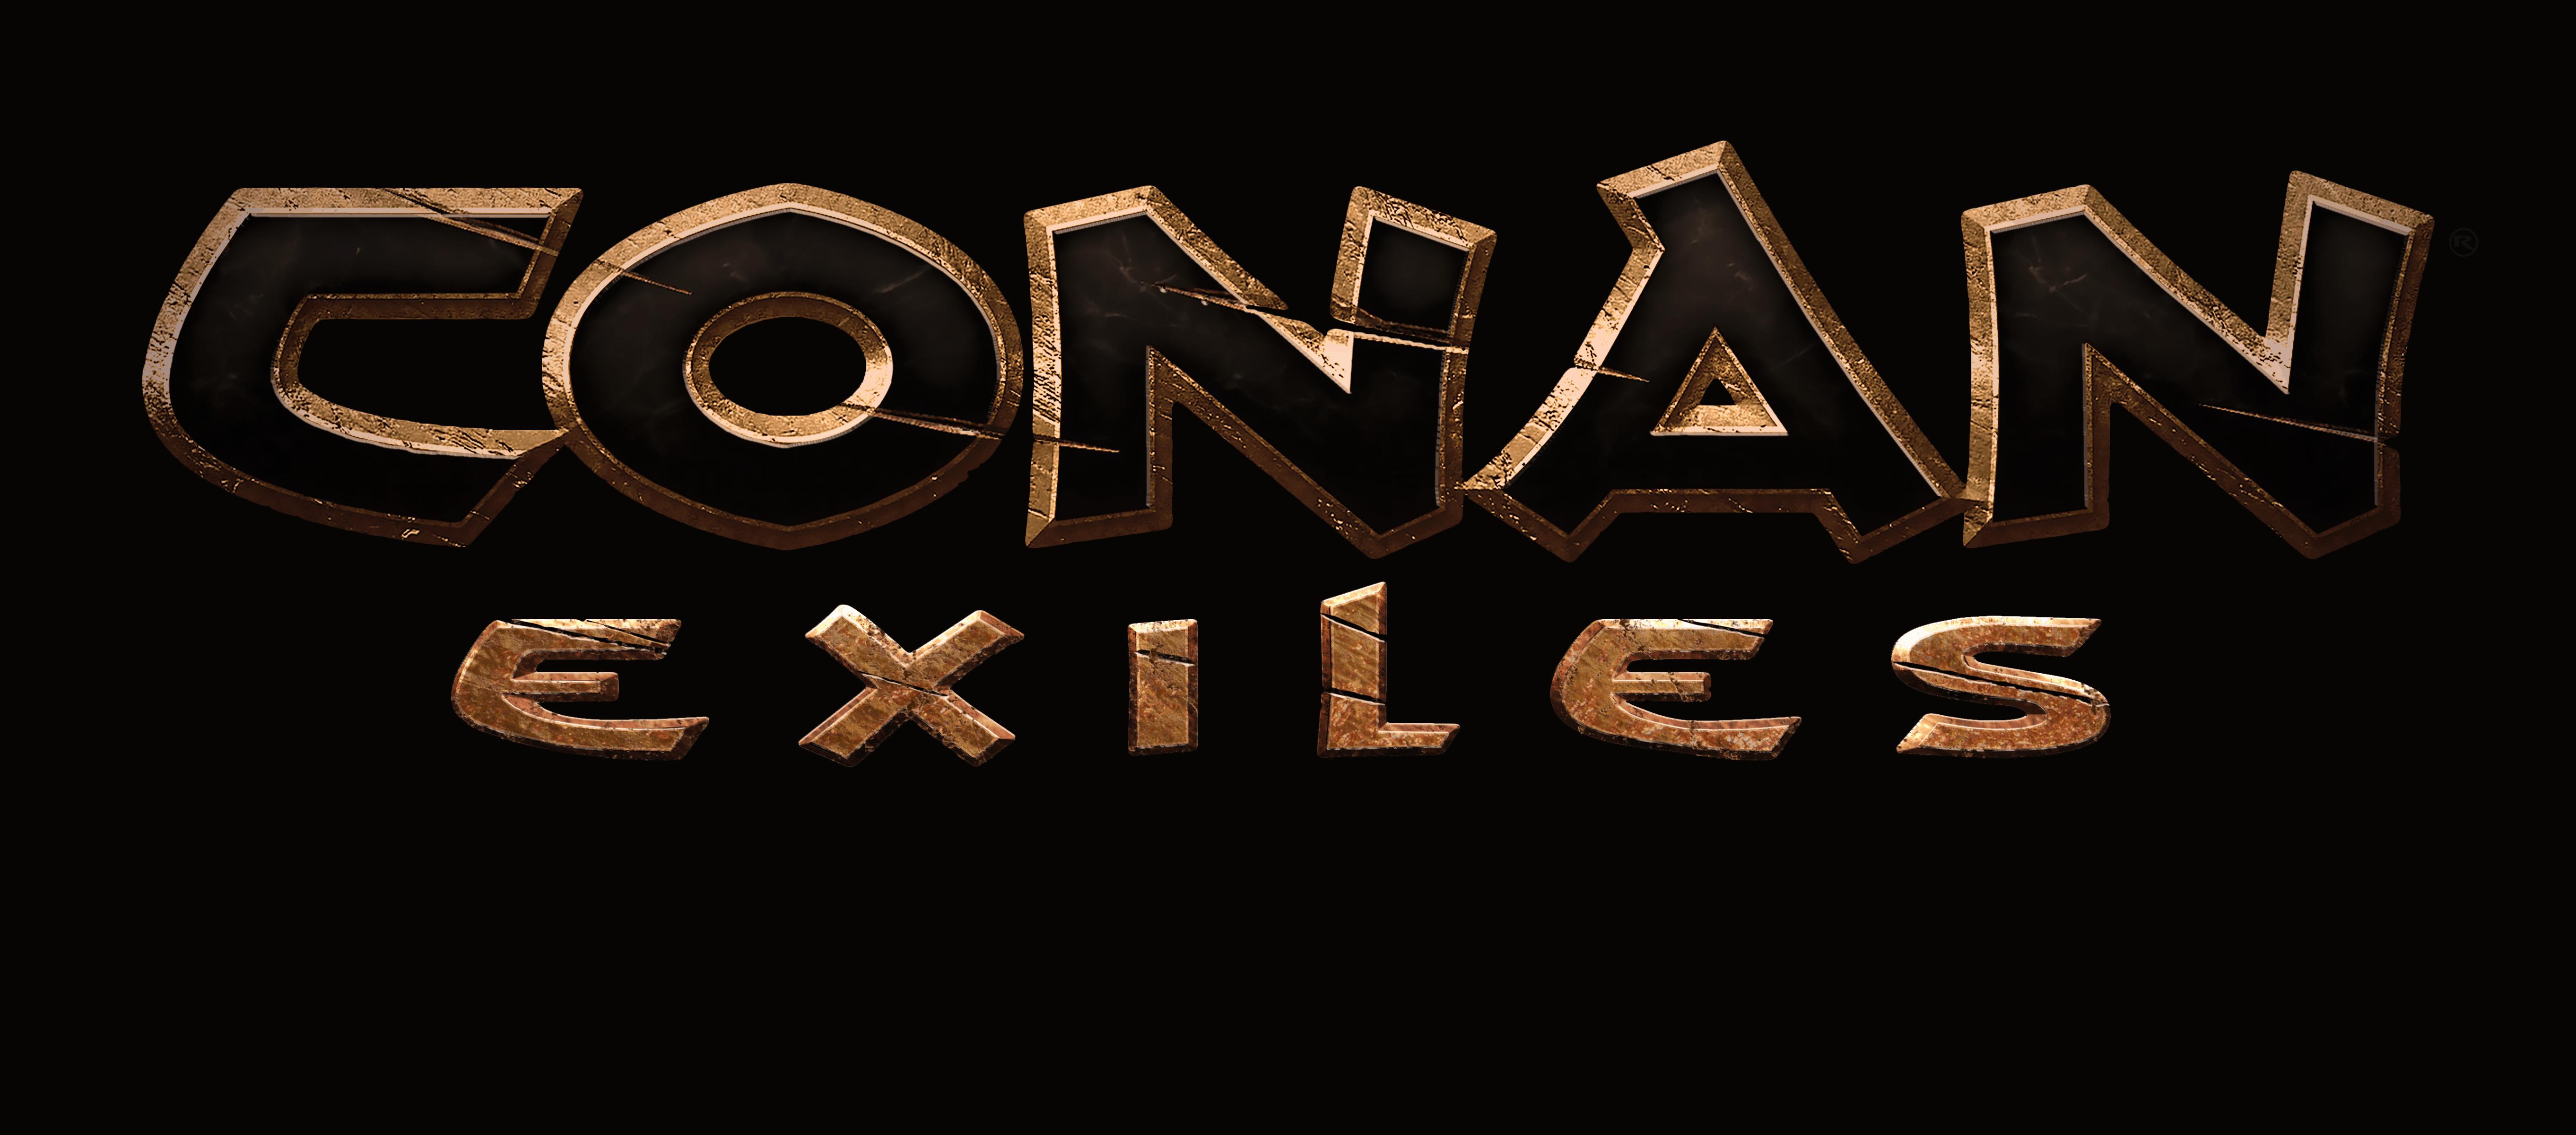 conan-exiles-logo-image